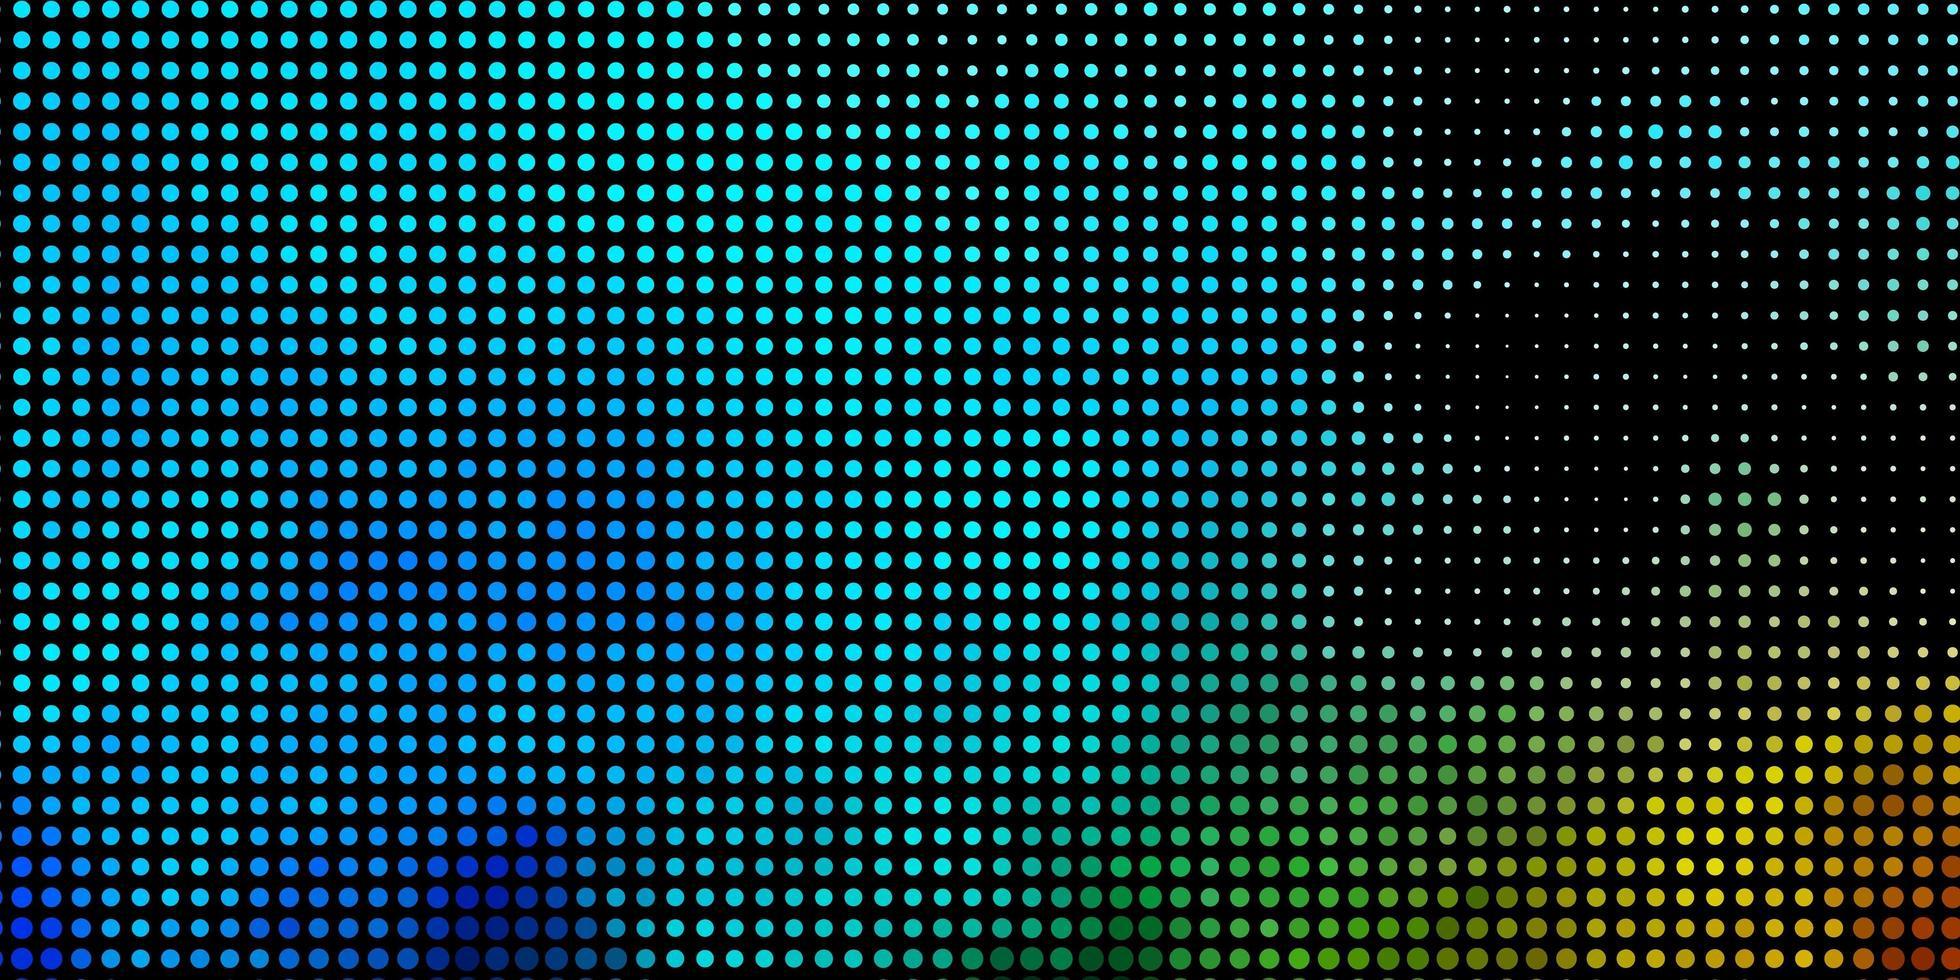 blå och grön layout med cirkelformer. vektor